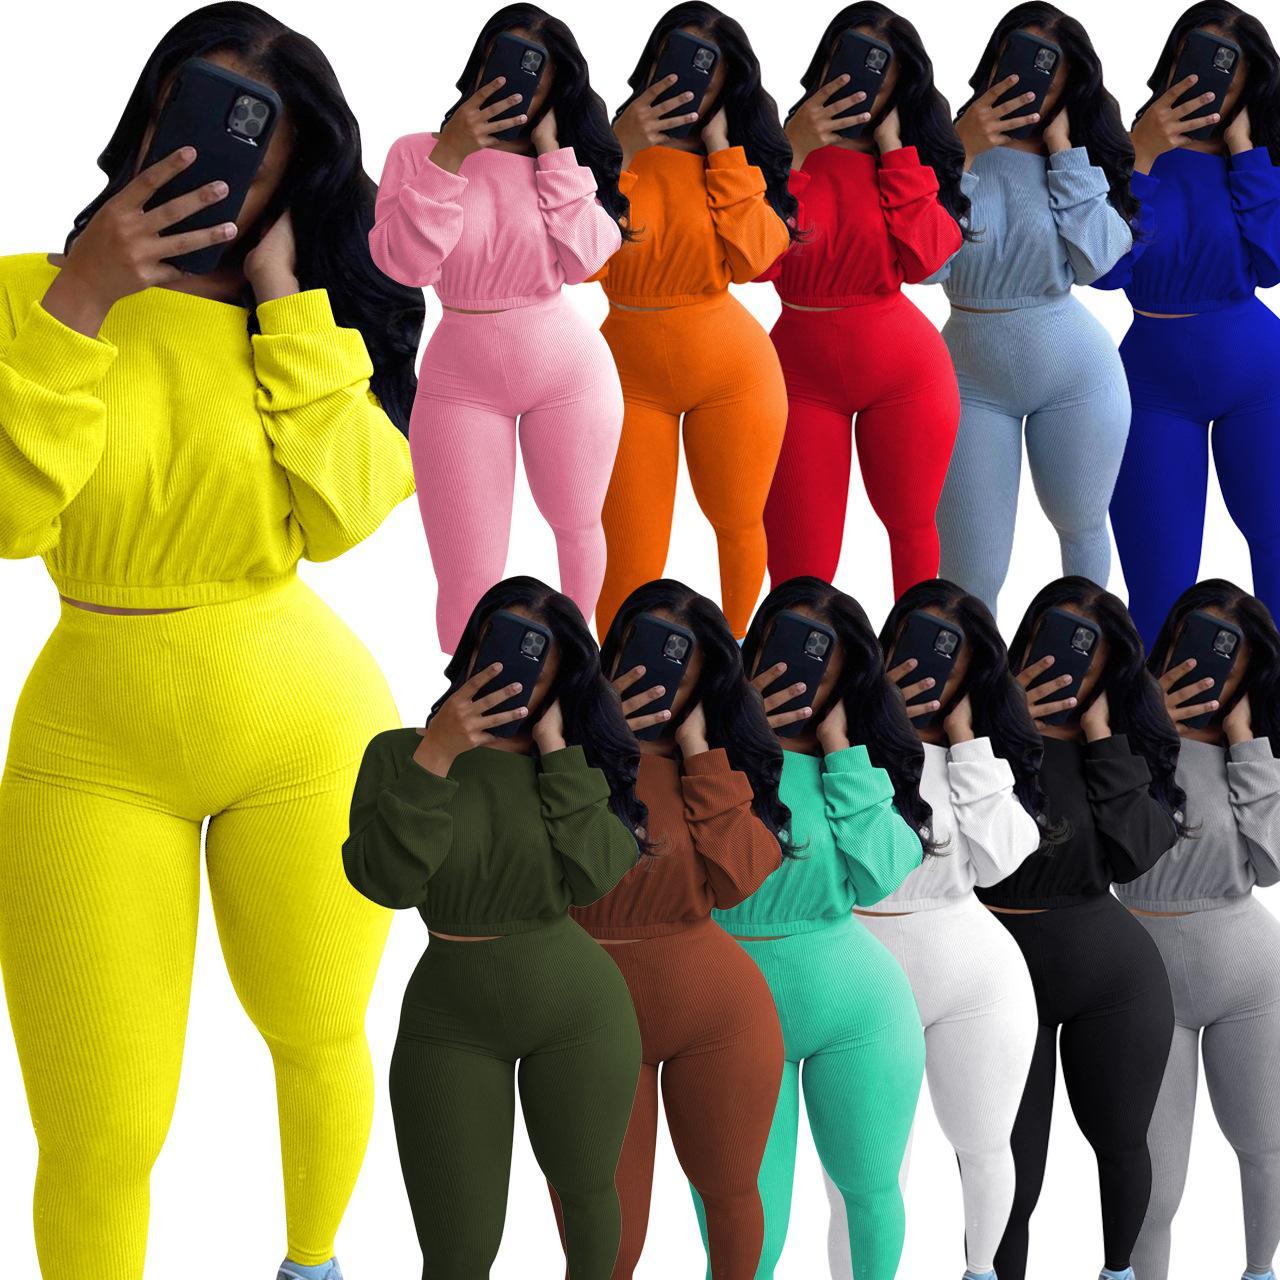 2020 Sonbahar Ve Kış Kadınlar 2 Adet eşofman Katı Renk Uzun kollu Kaburga Spor Suit Kazak Spor Casual Giyim Plus Size Clothi